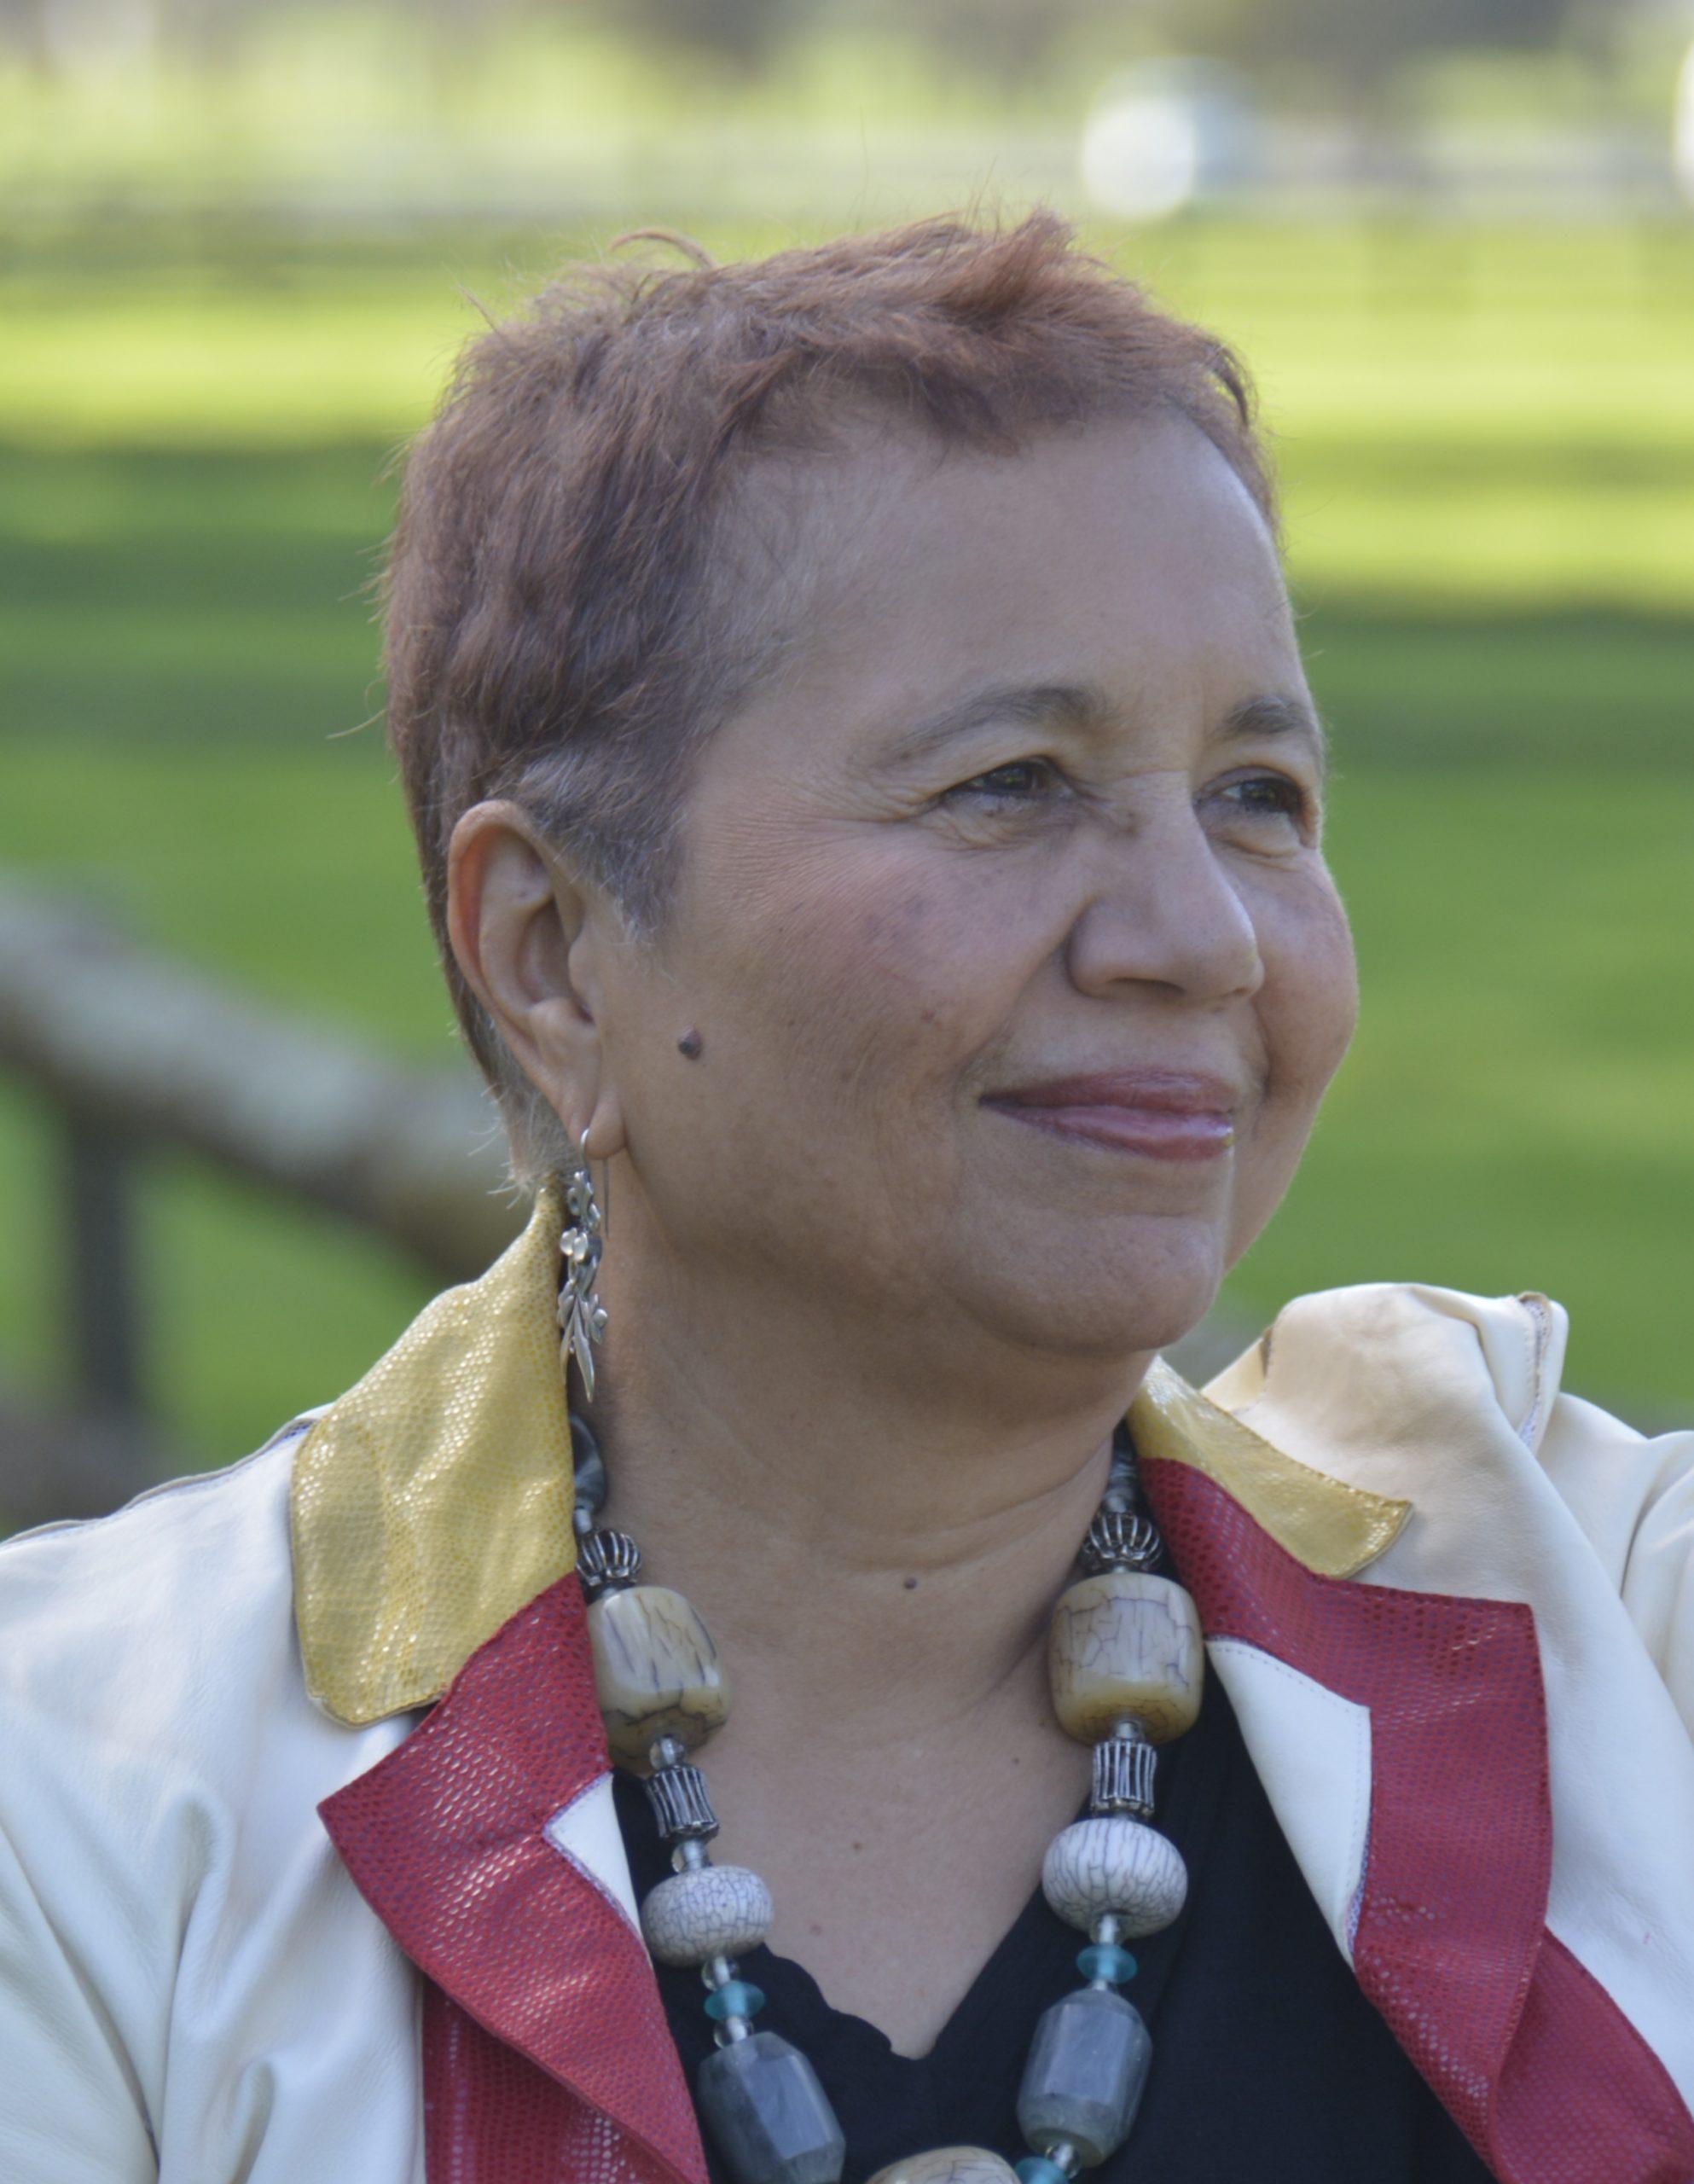 Edwina Pio